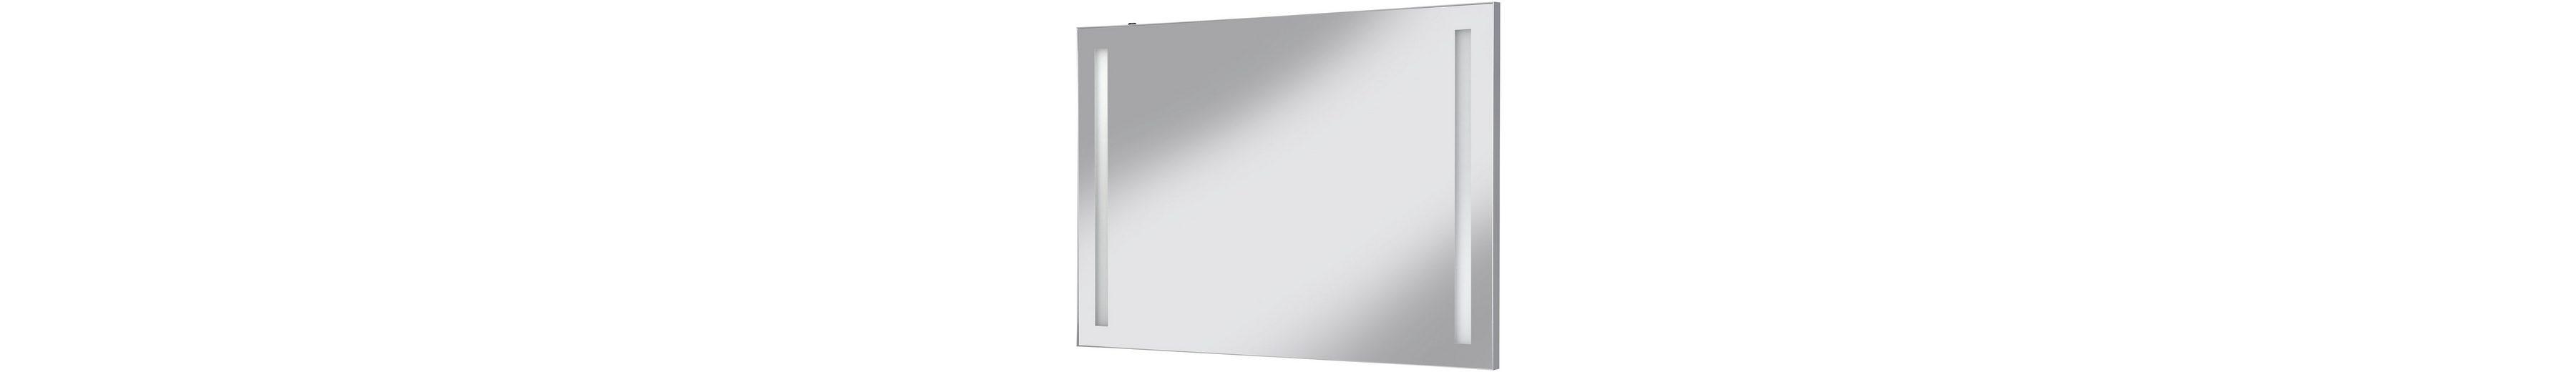 Spiegel / Badspiegel »Merle«, Breite 100 cm